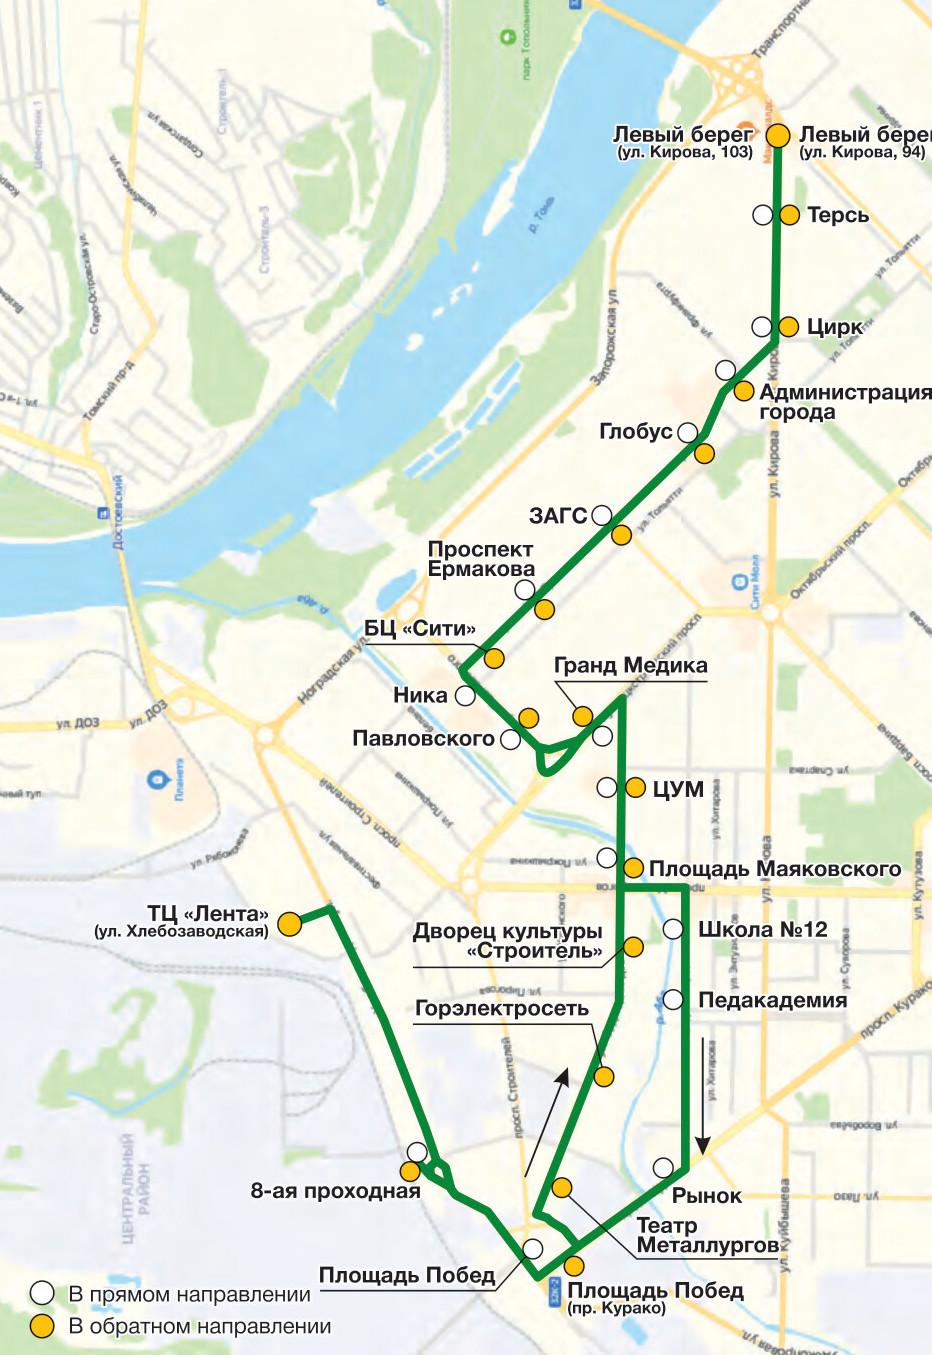 Автобус №28 ЛЕВЫЙ БЕРЕГ - ТЦ ЛЕНТА (УЛИЦА ХЛЕБОЗАВОДСКАЯ) | Расписание и маршрут движения